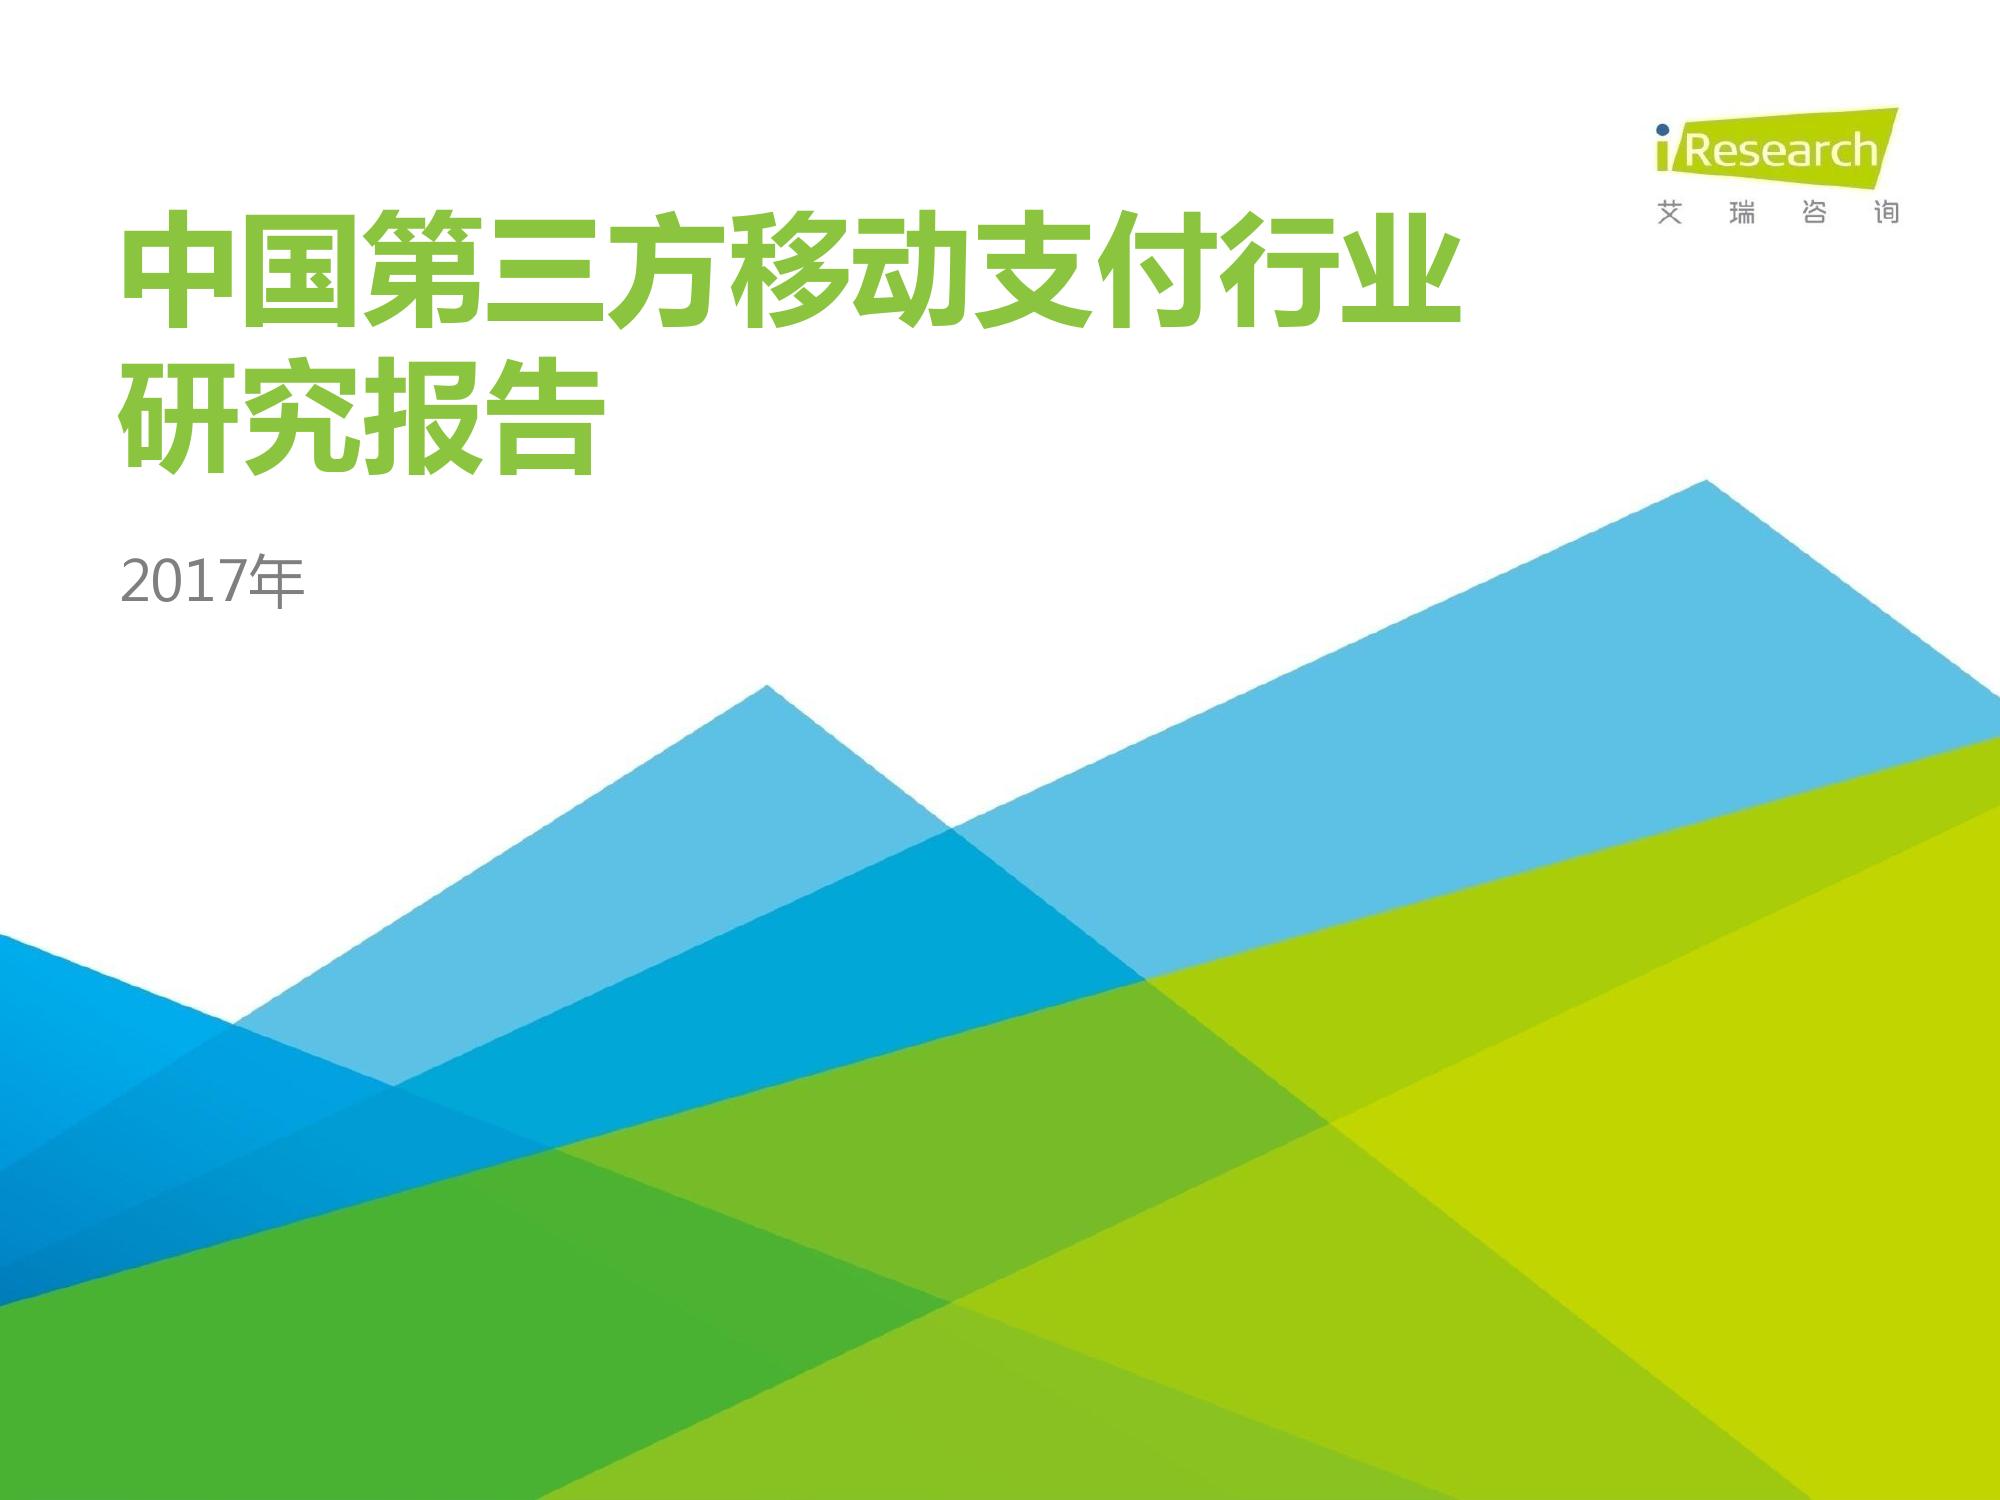 艾瑞咨询:2017年中国第三方移动支付行业研究报告(附下载)